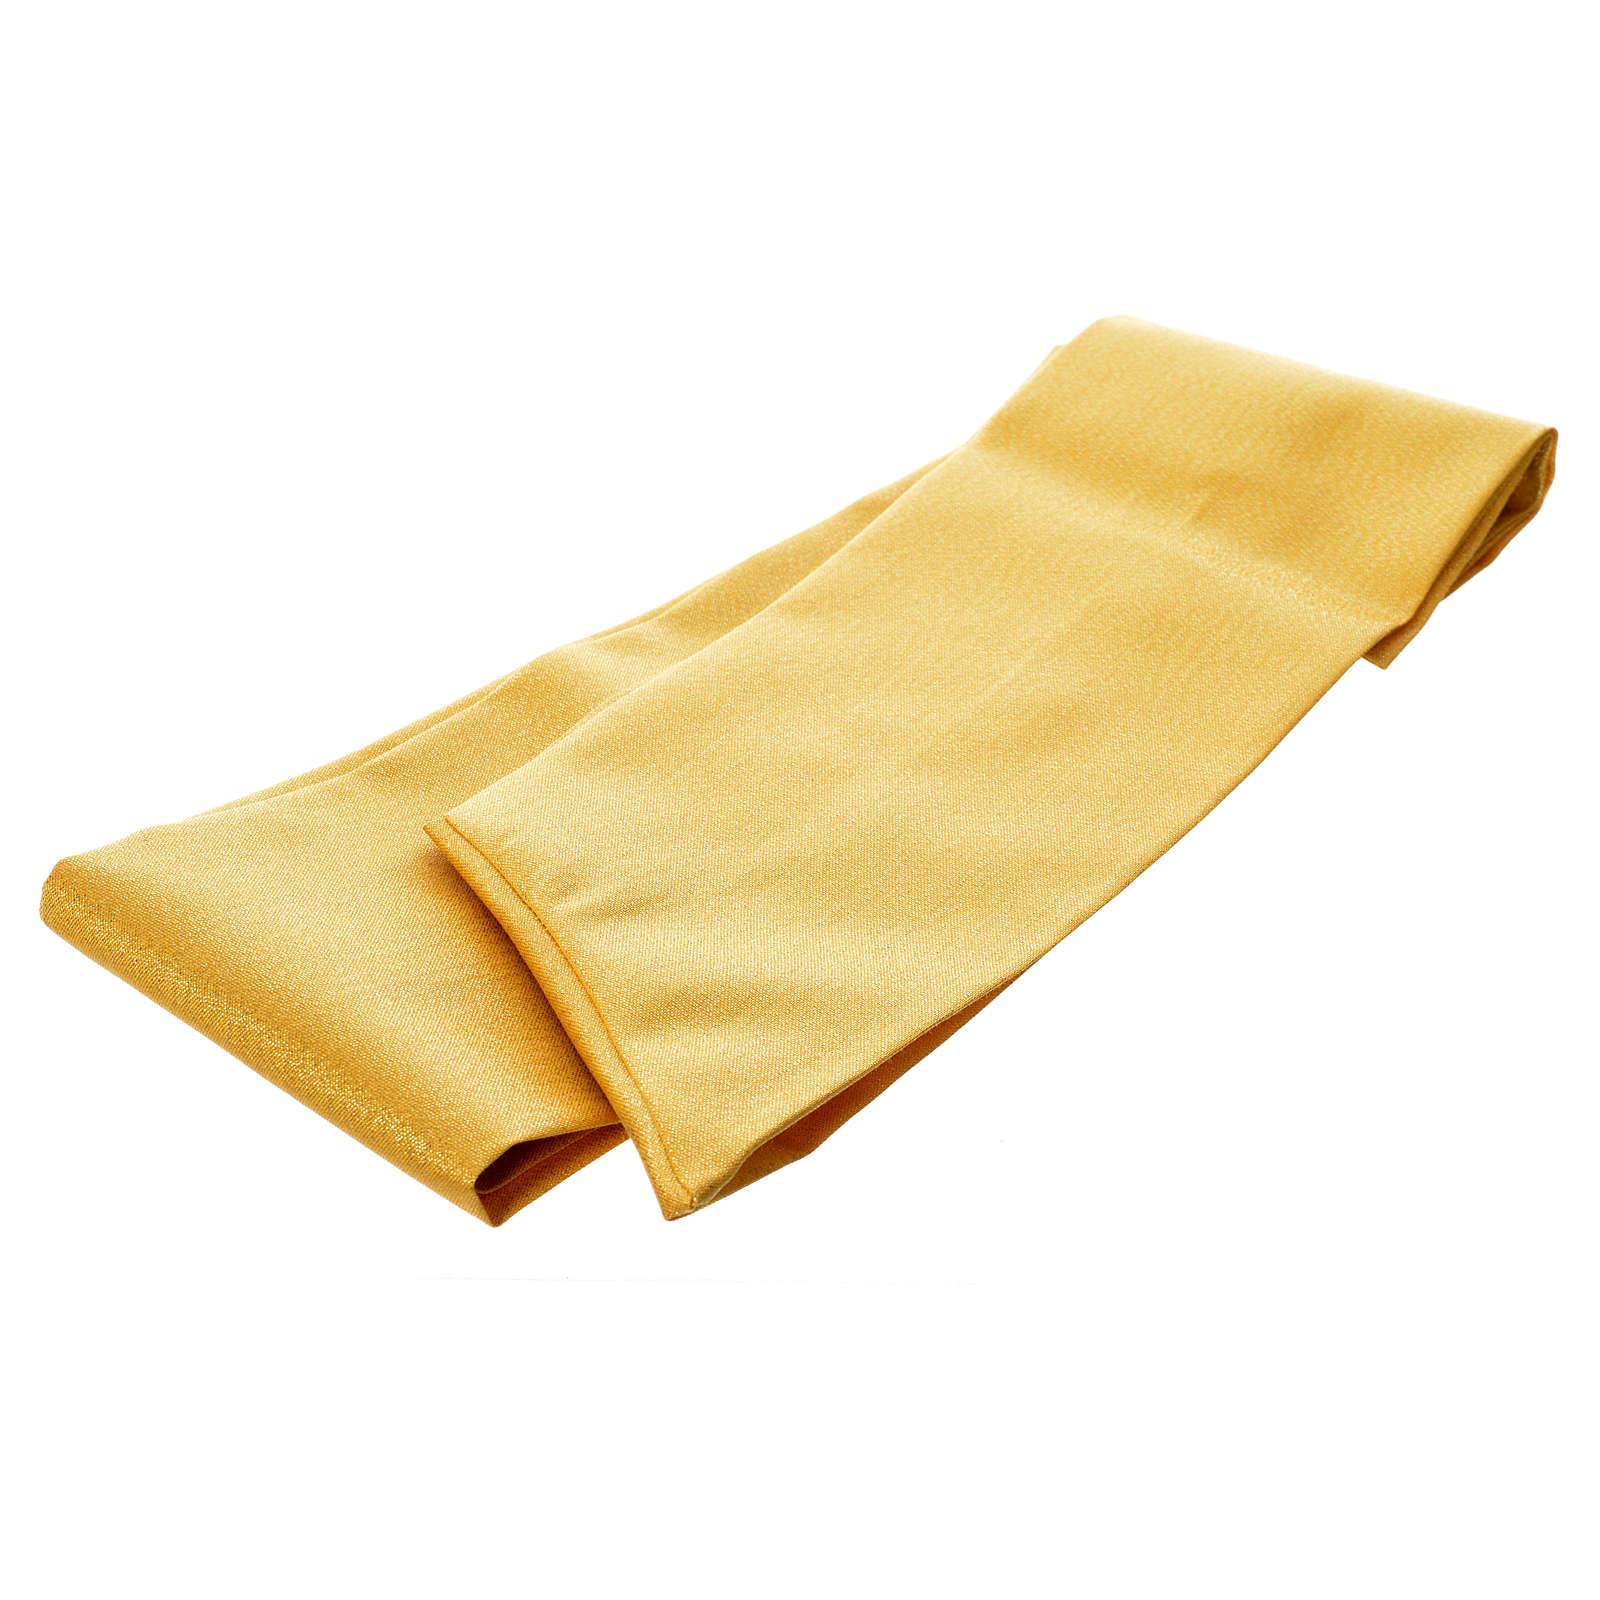 Casula oro tessuto 80% lana 20% lurex XP ostensorio spighe 4